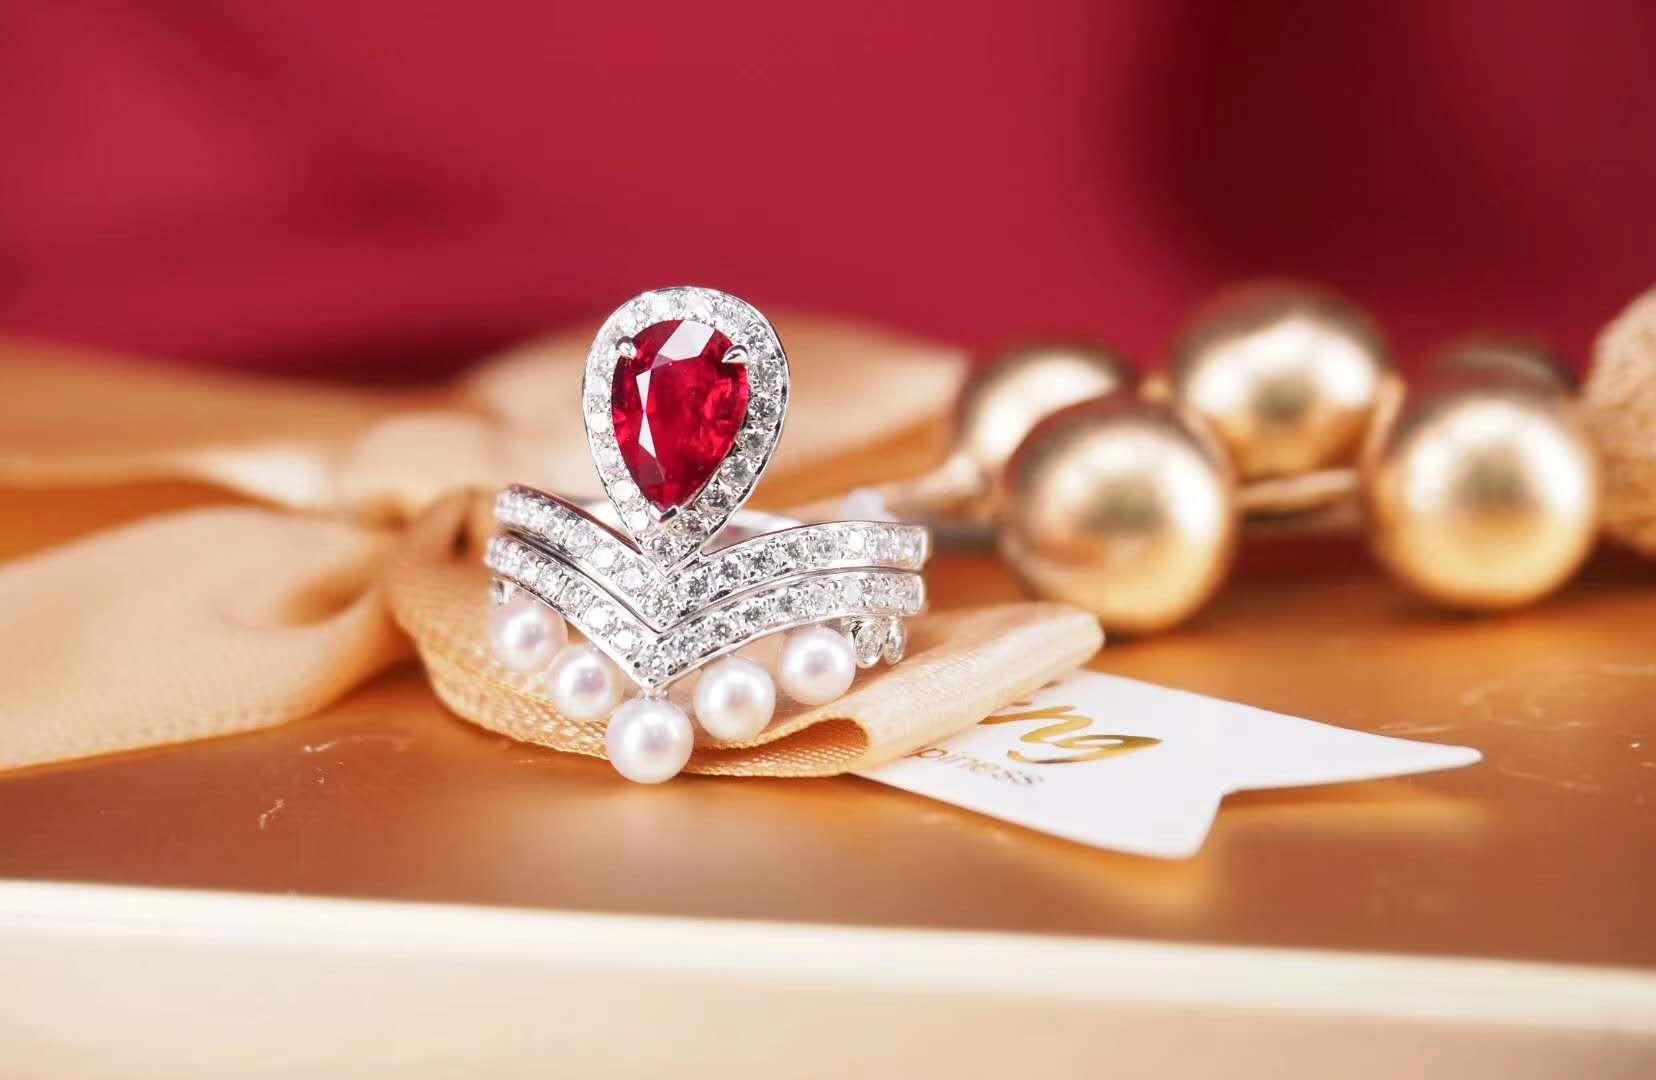 购买红宝石前的五个要点